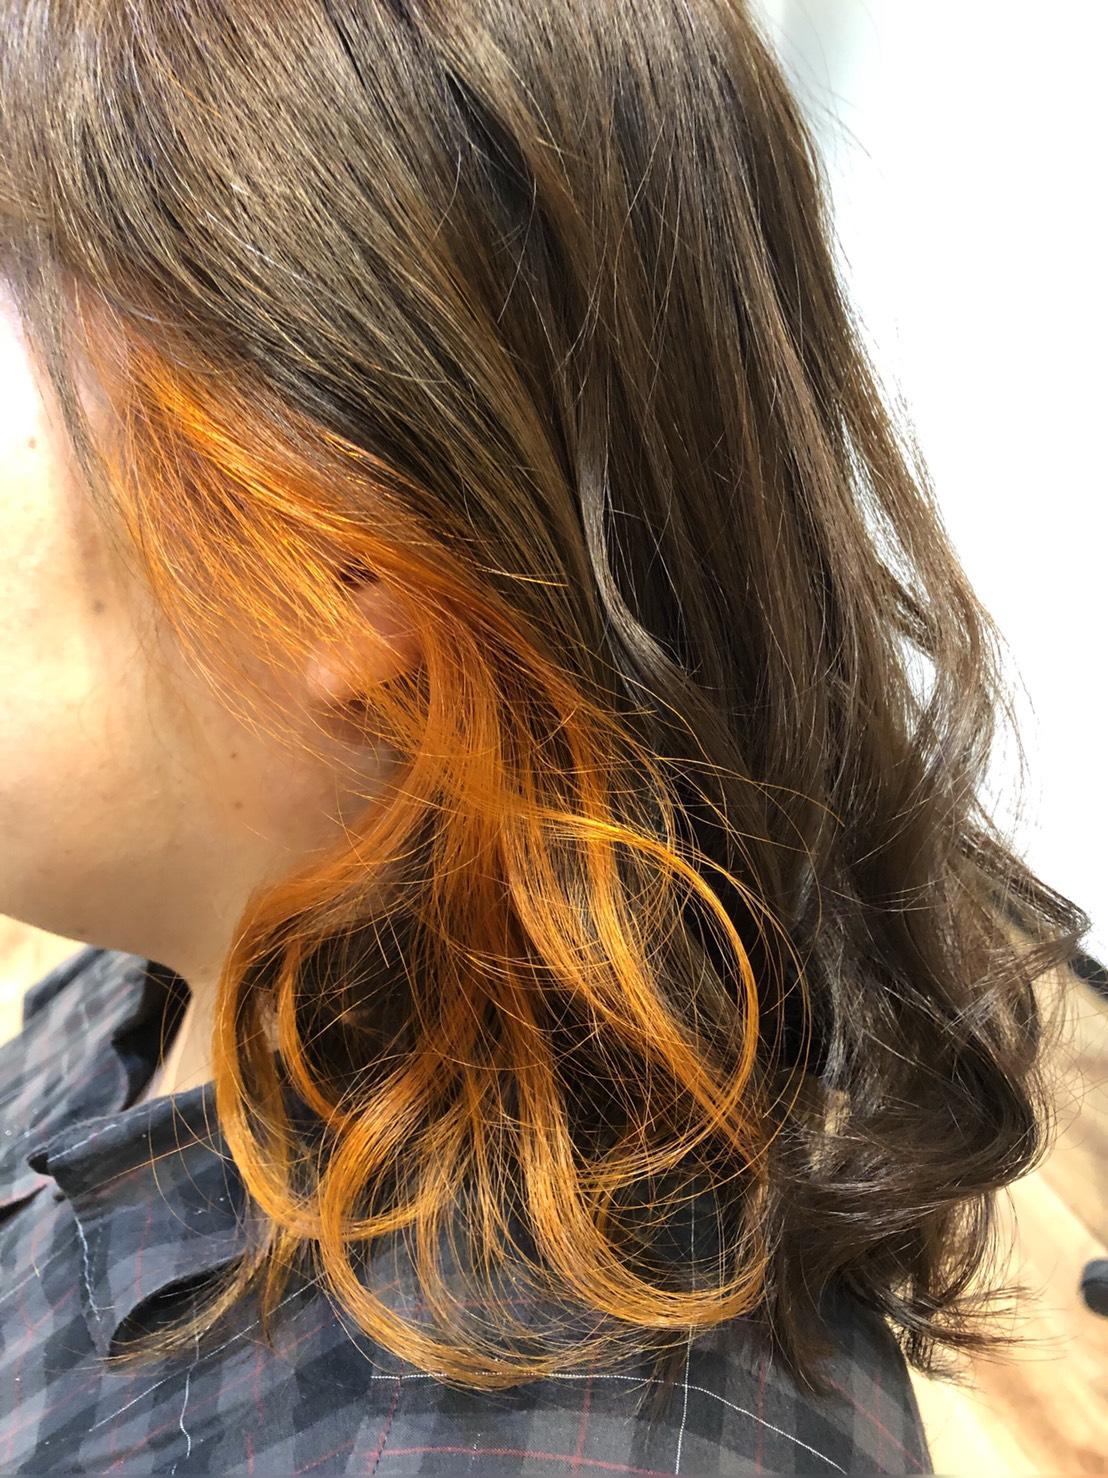 S  31023118 - Hair Gallery